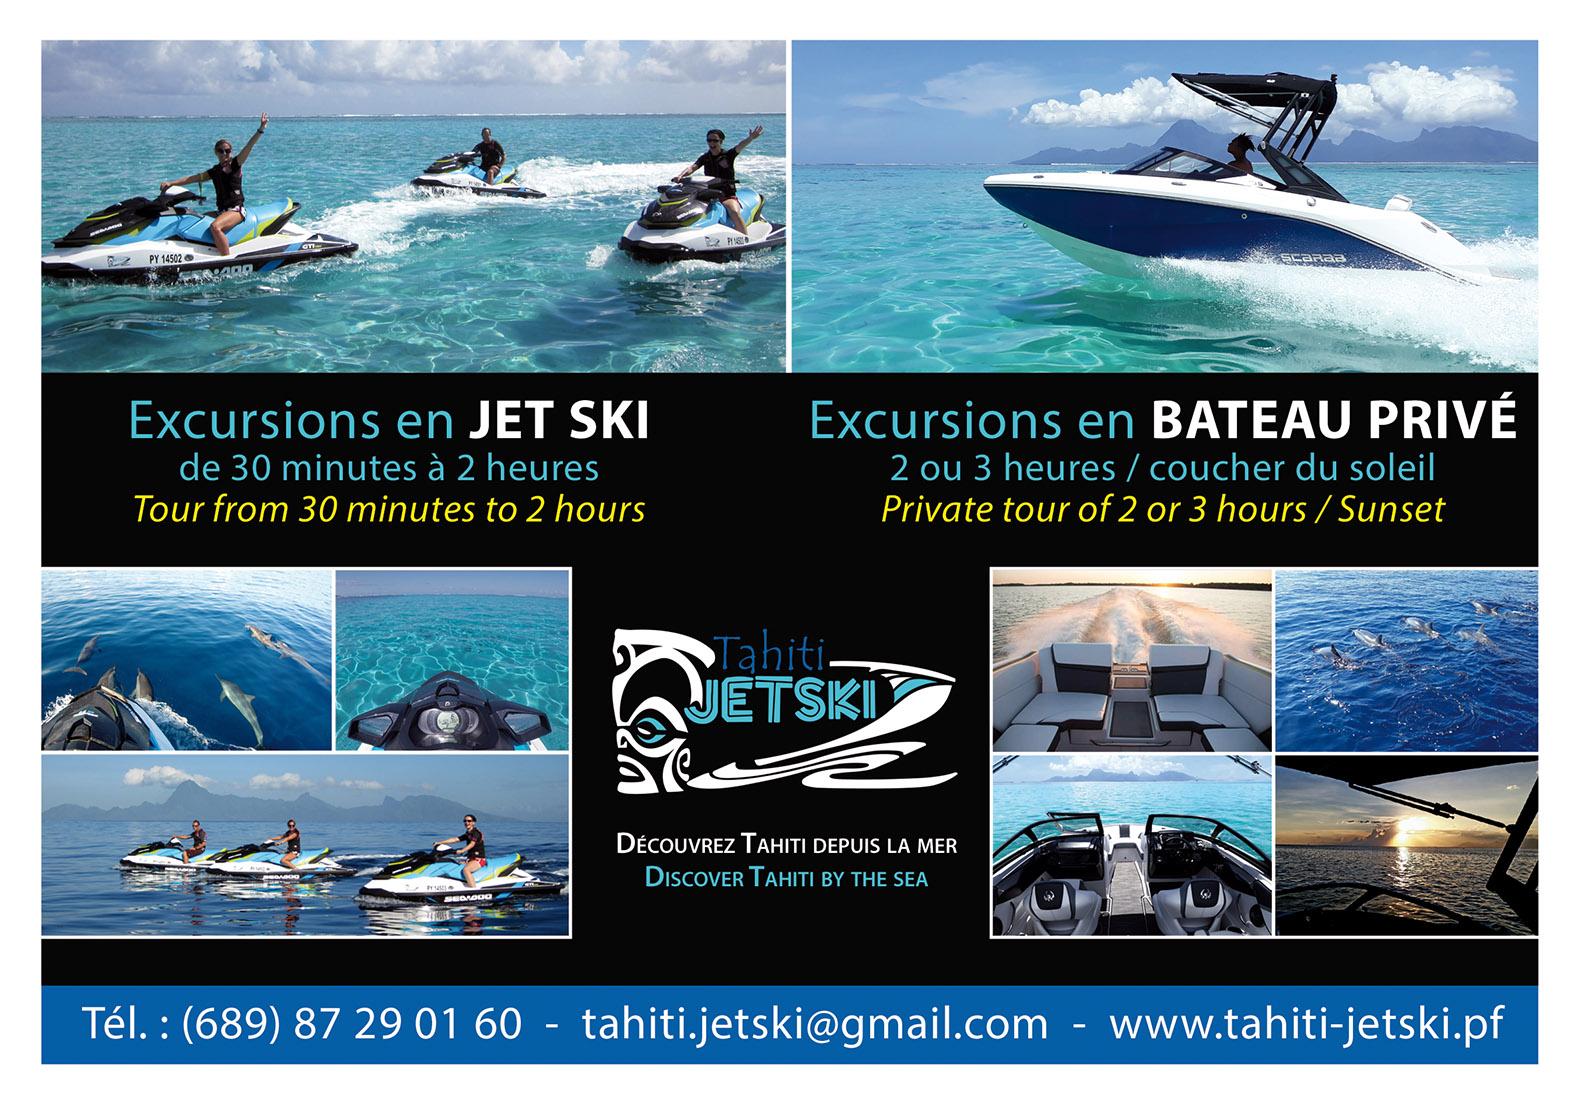 https://tahititourisme.com.au/wp-content/uploads/2017/08/Tahiti-Jet-Ski-190x130-sept-2.jpg